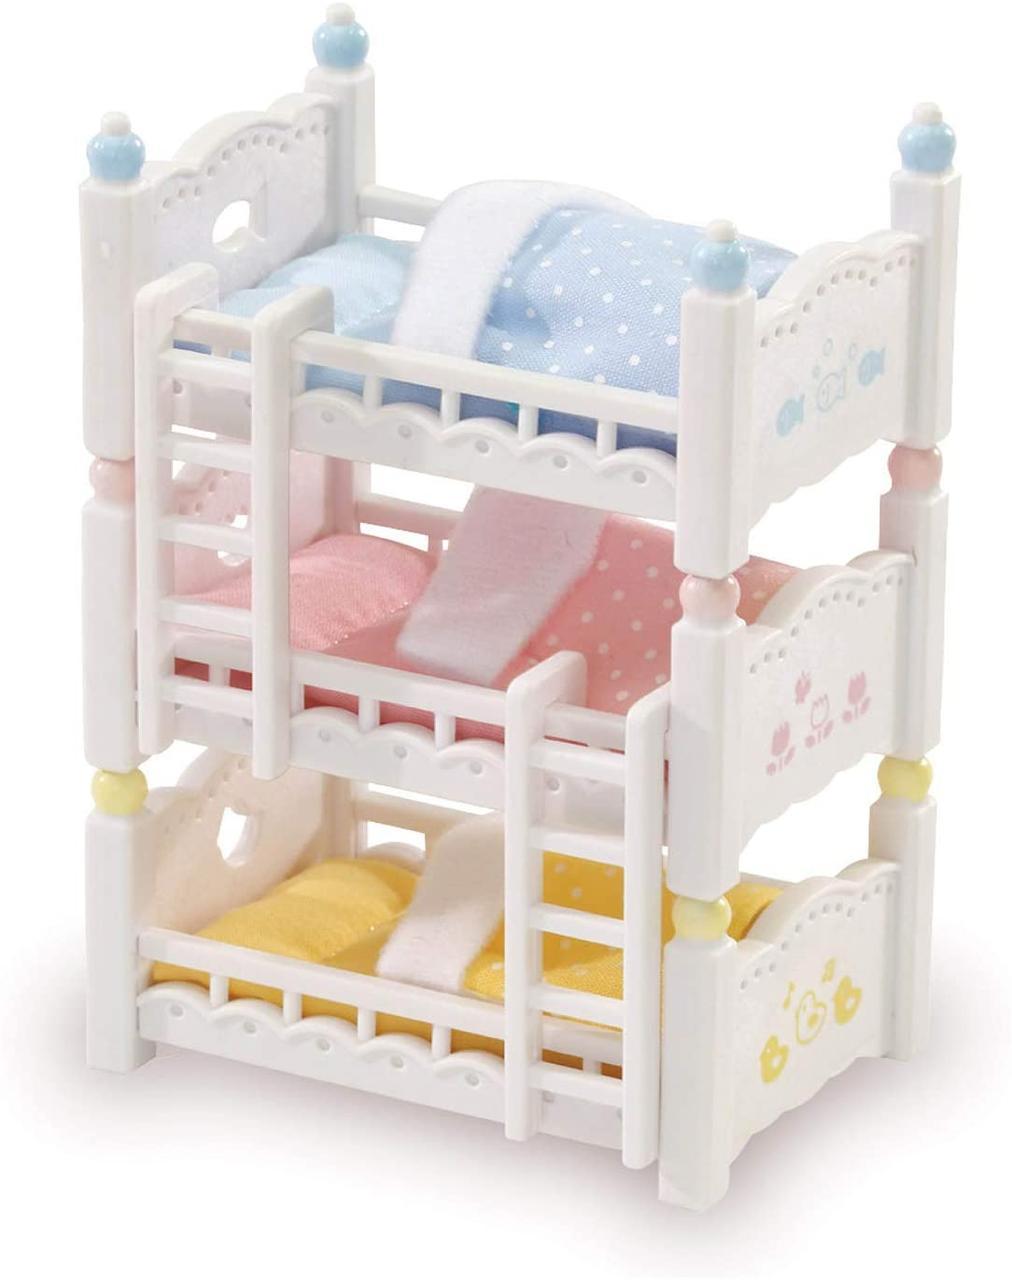 Детская кроватка Calico Critters Triple Baby Bunk Beds Трехъярусная кровать сильвания фемели Sylvanian Familis